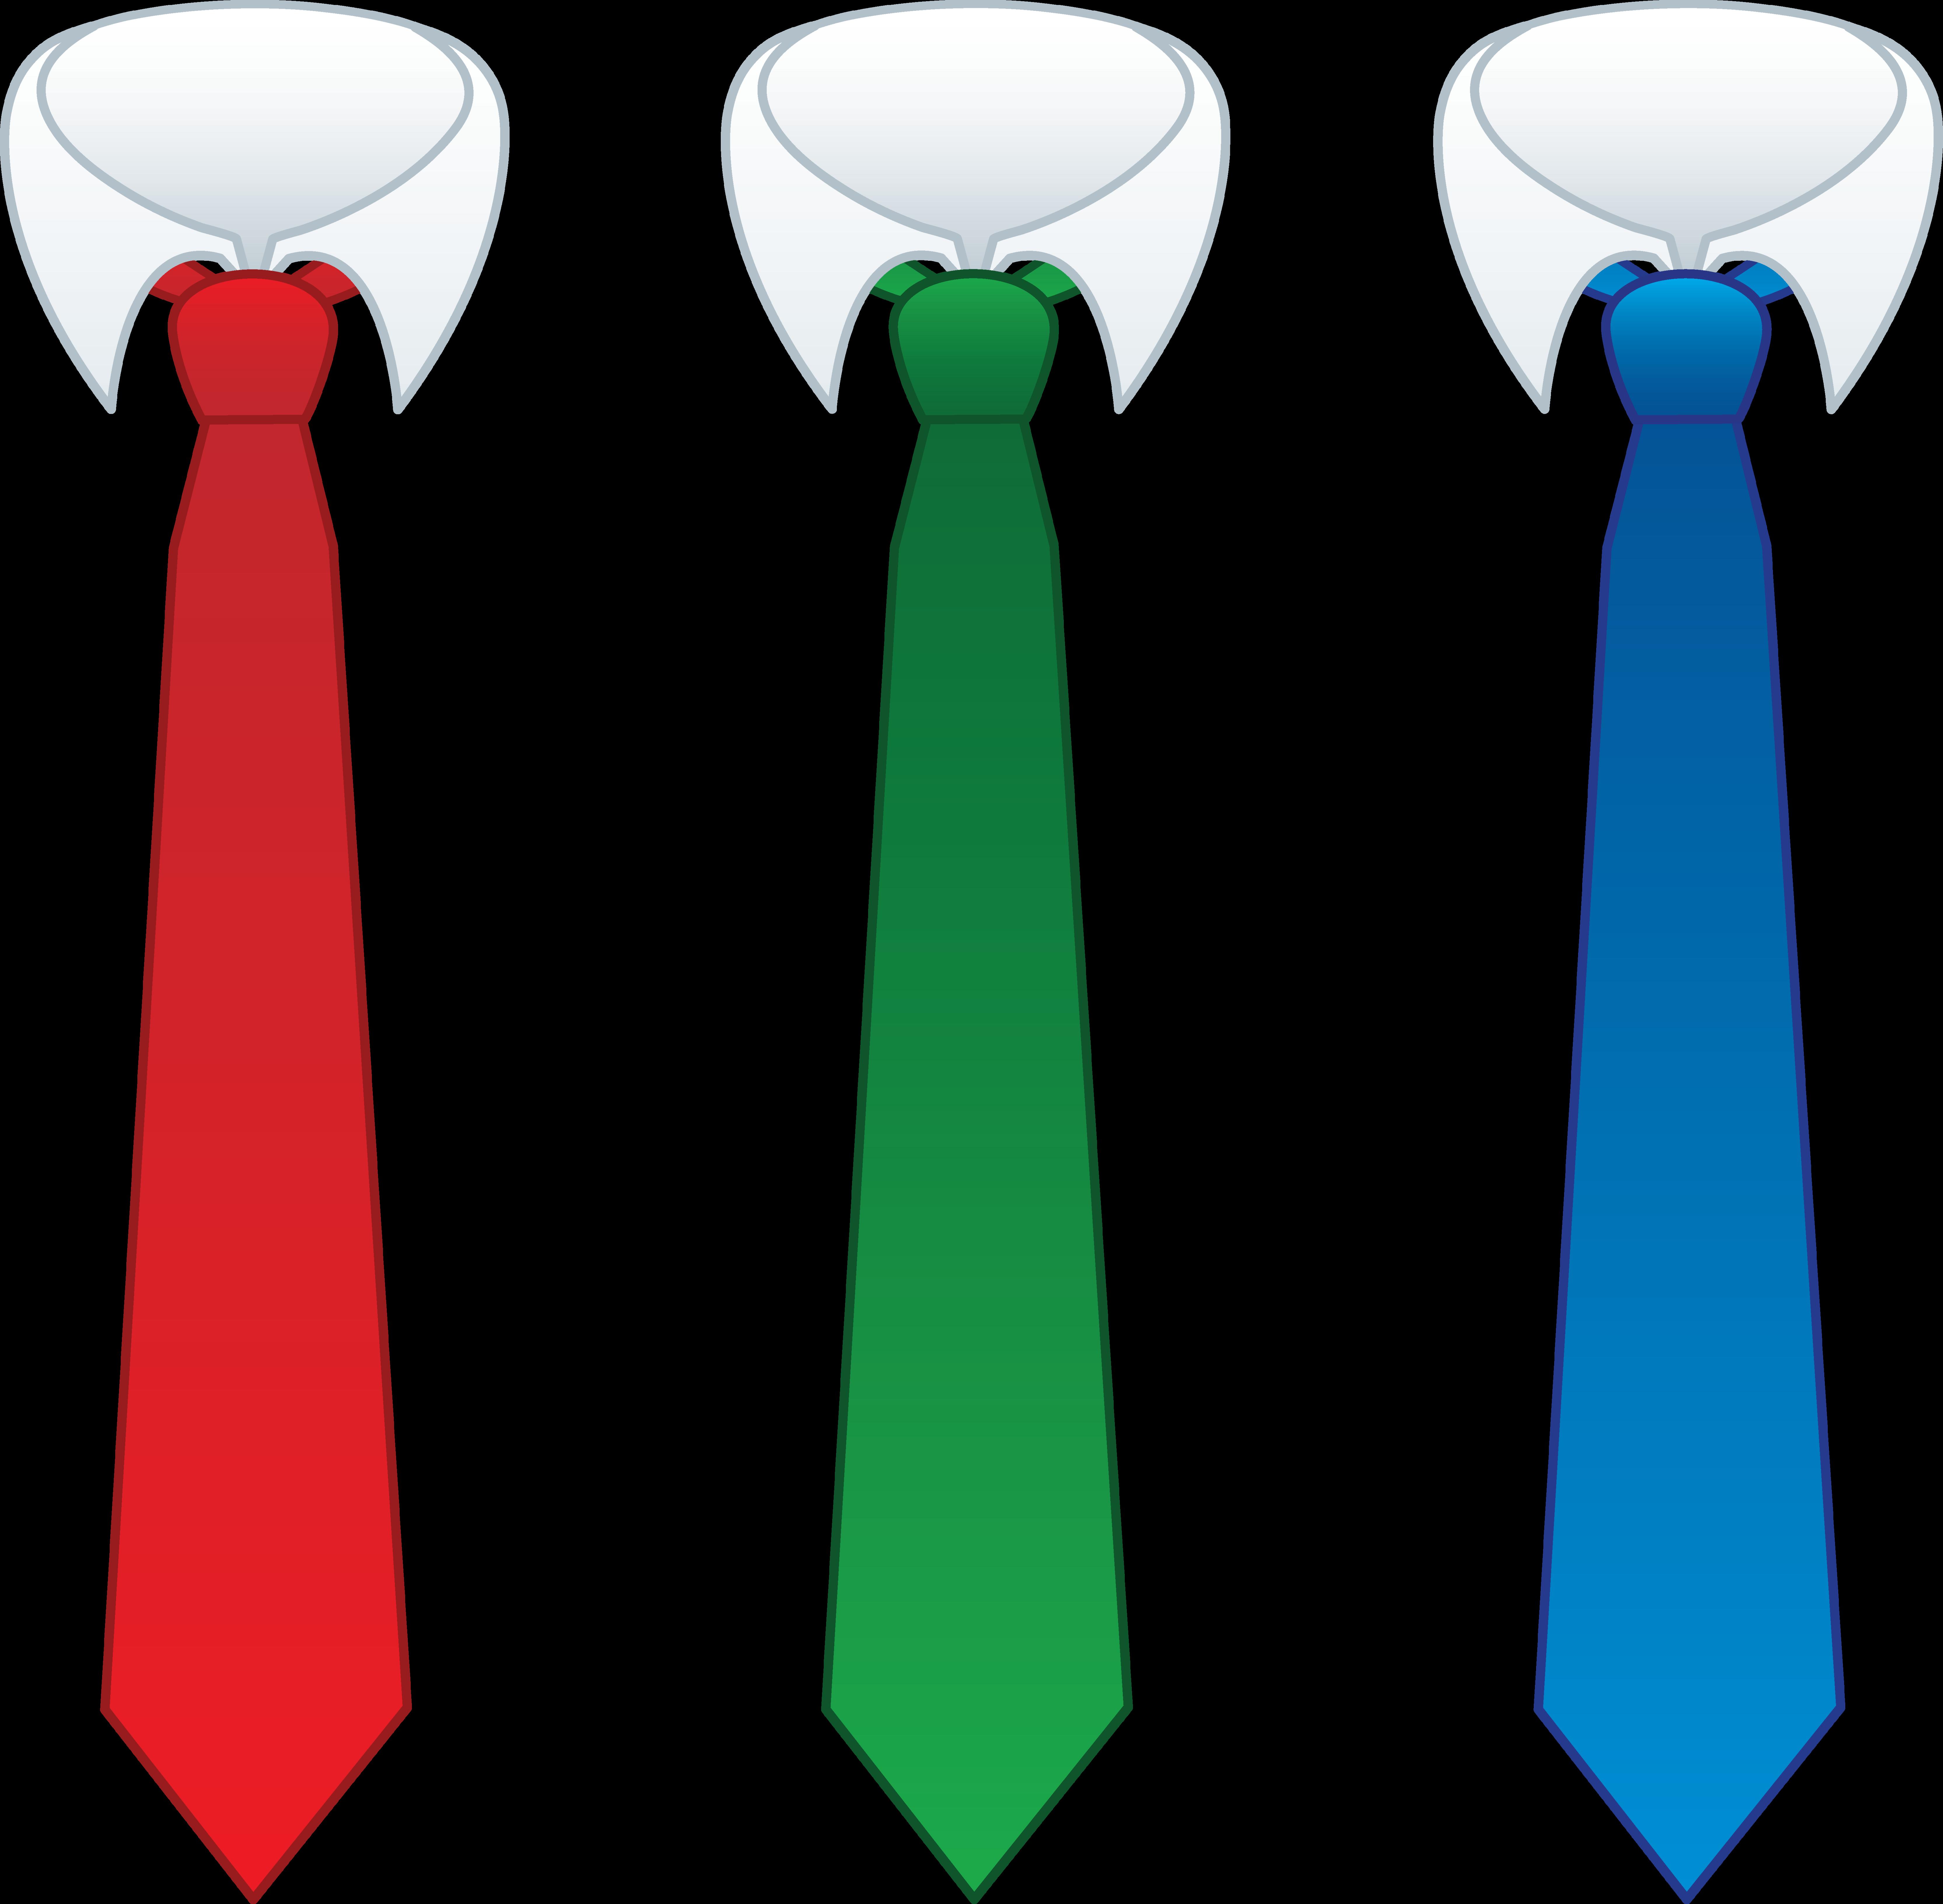 Necktie Clipart-Necktie Clipart-5